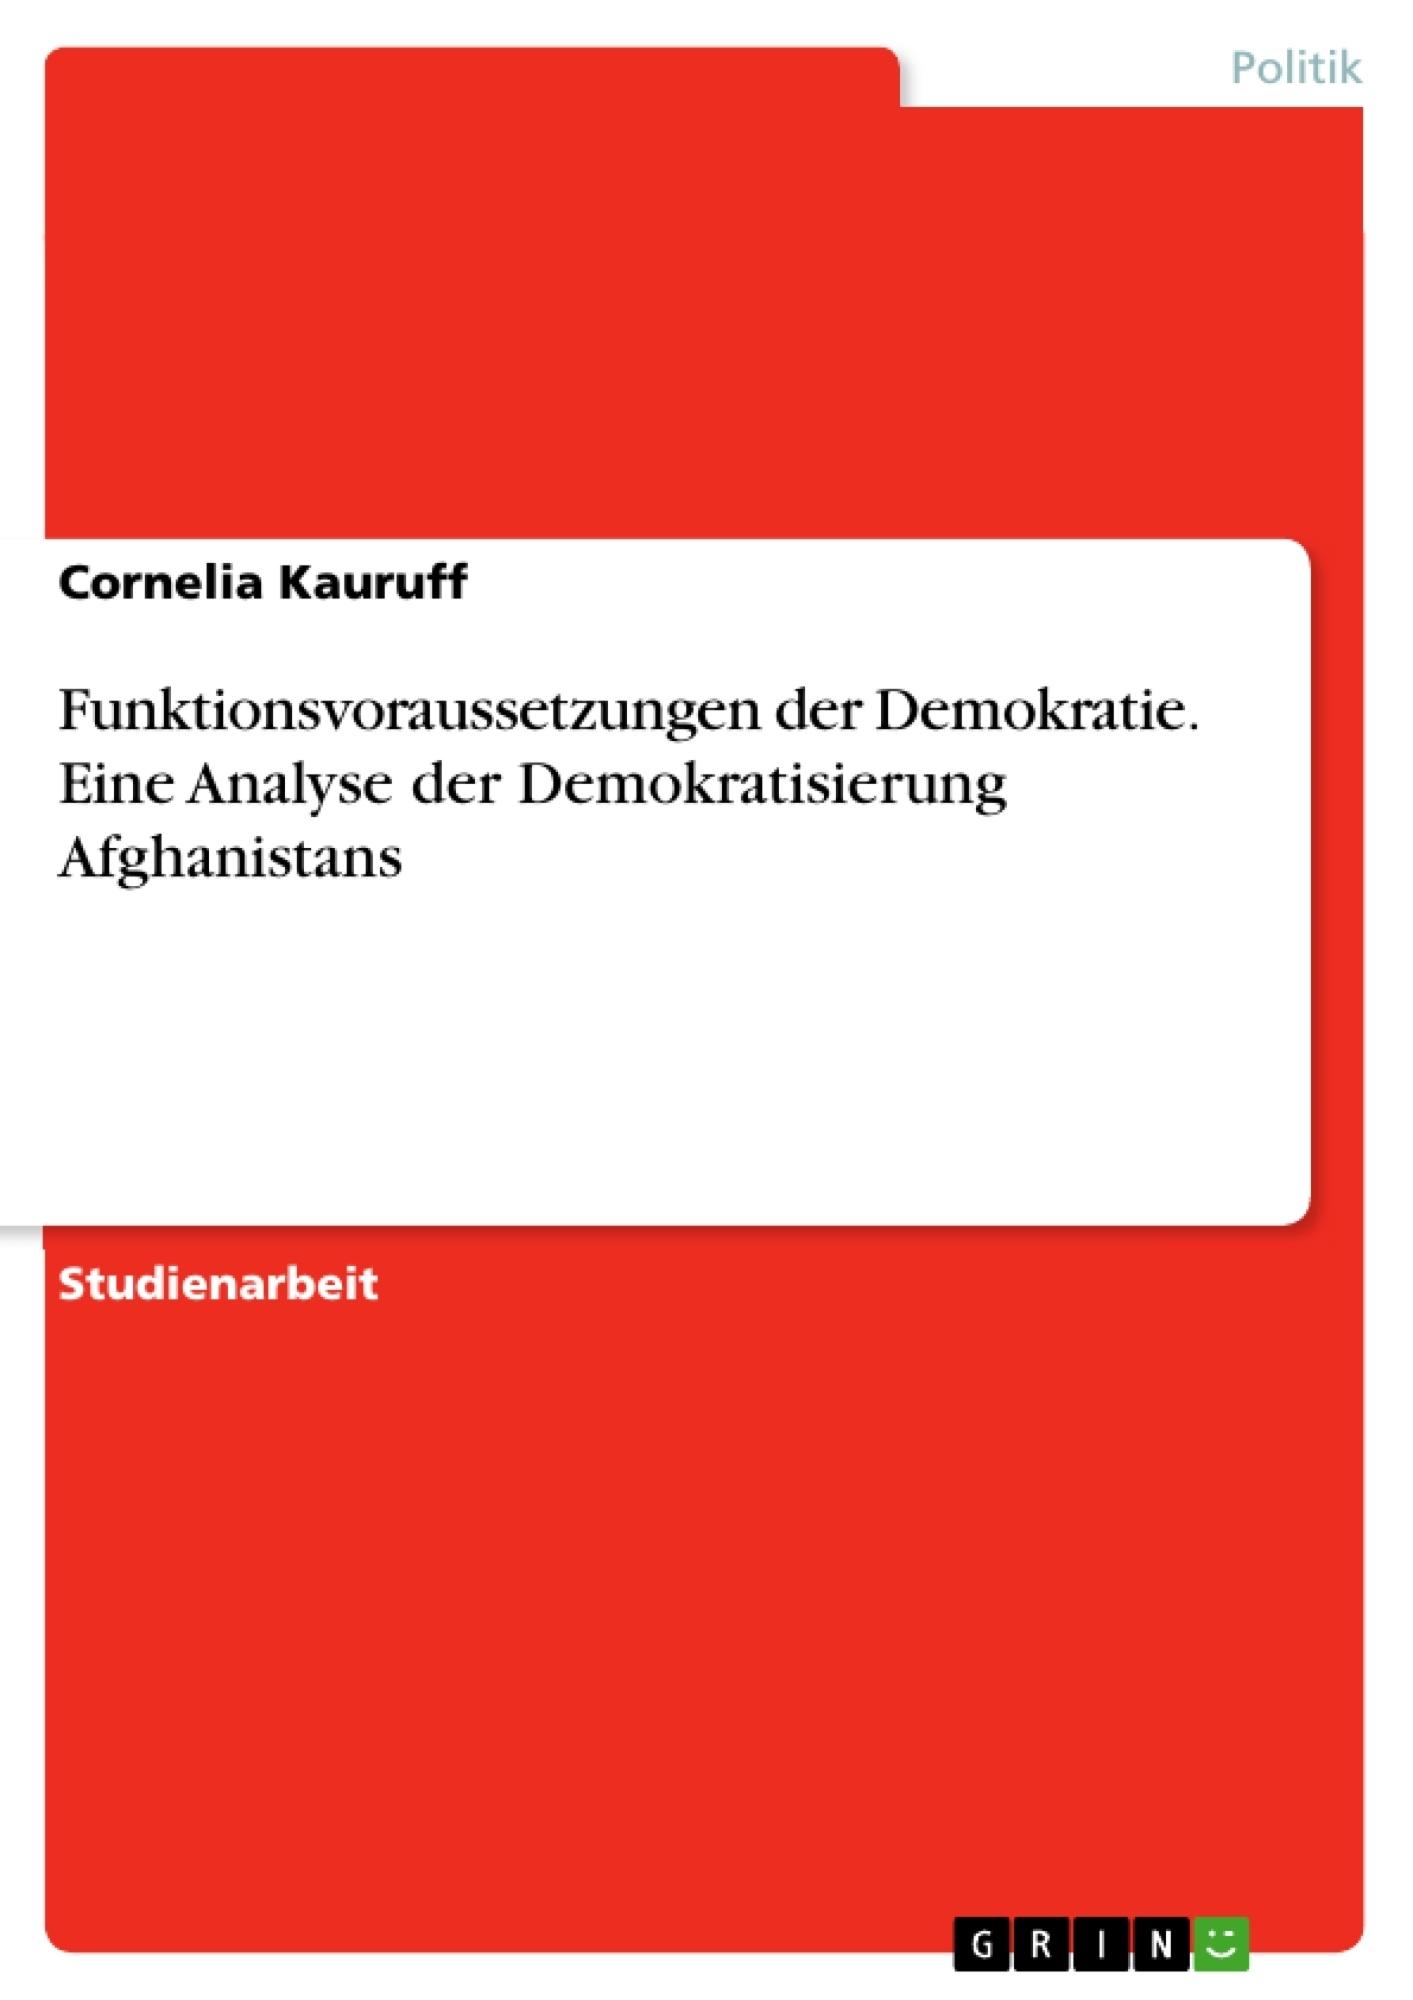 Titel: Funktionsvoraussetzungen der Demokratie. Eine Analyse der Demokratisierung Afghanistans